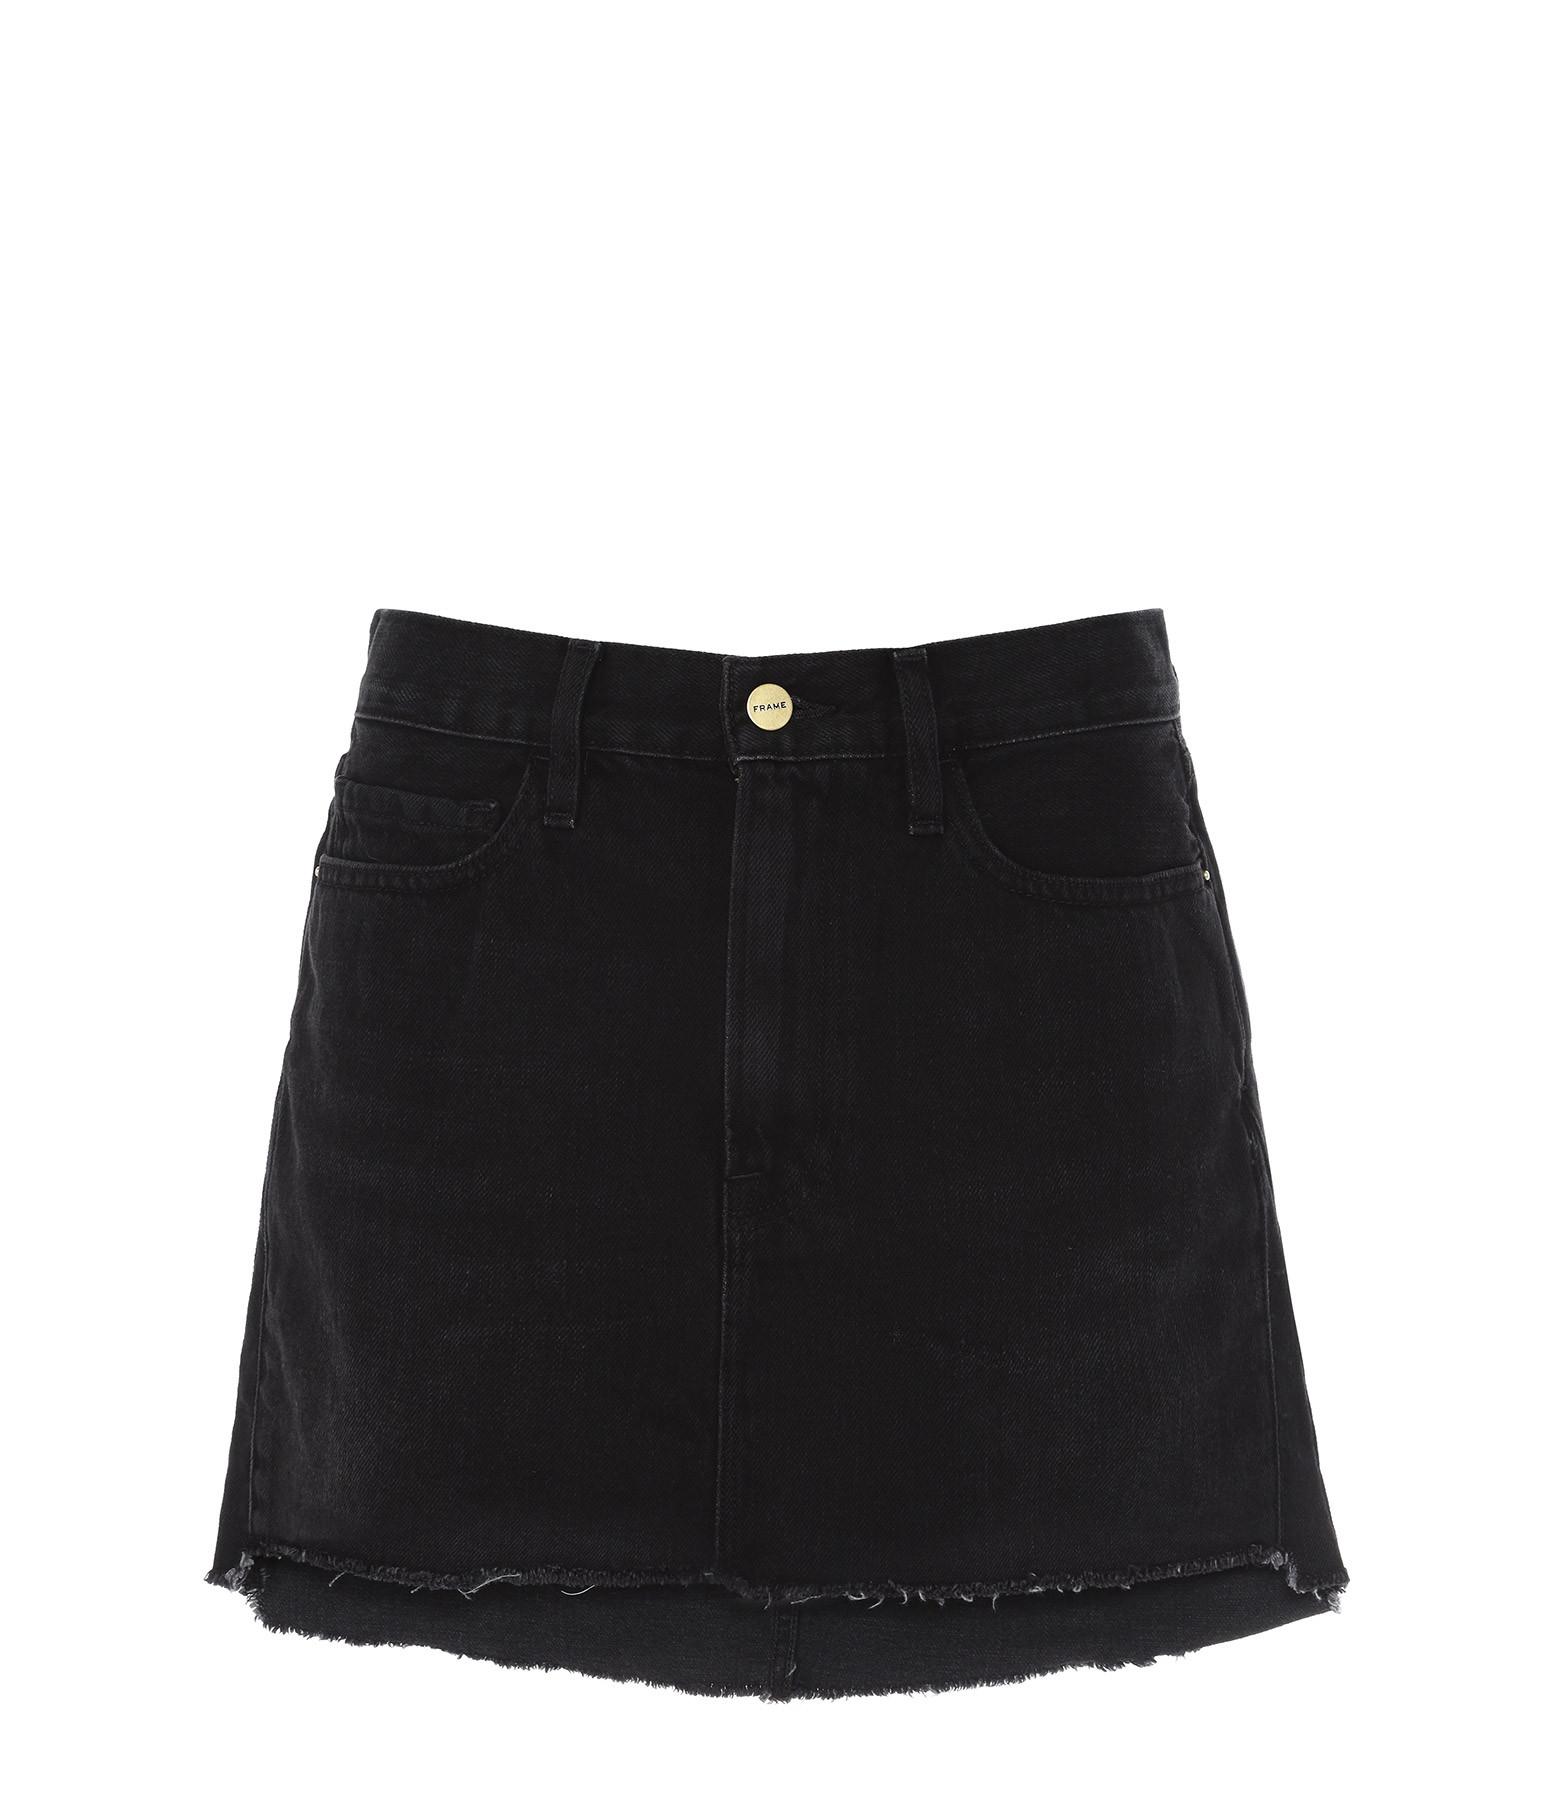 FRAME - Jupe Triangle Coton Panthère Noir